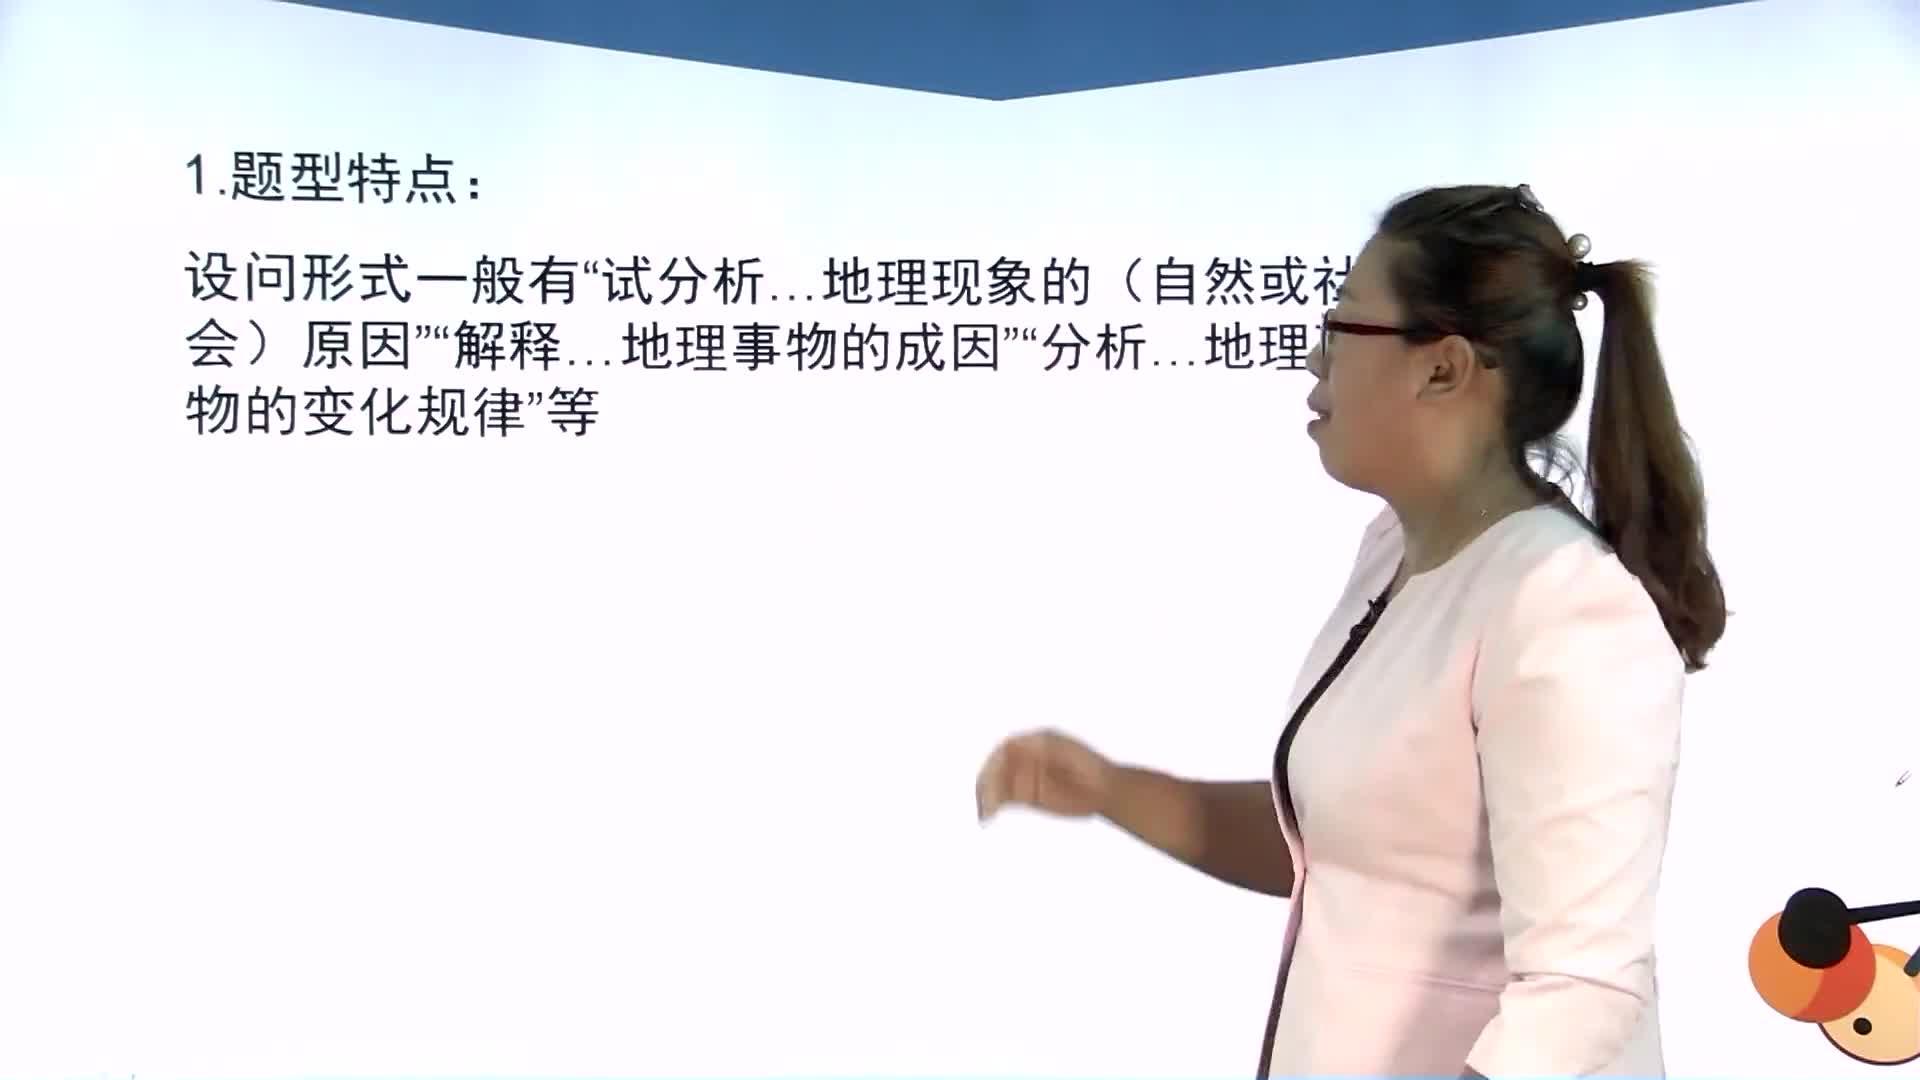 人教版 高中地理 规范答题建模(2)(成因分析类)(孙晓丽)